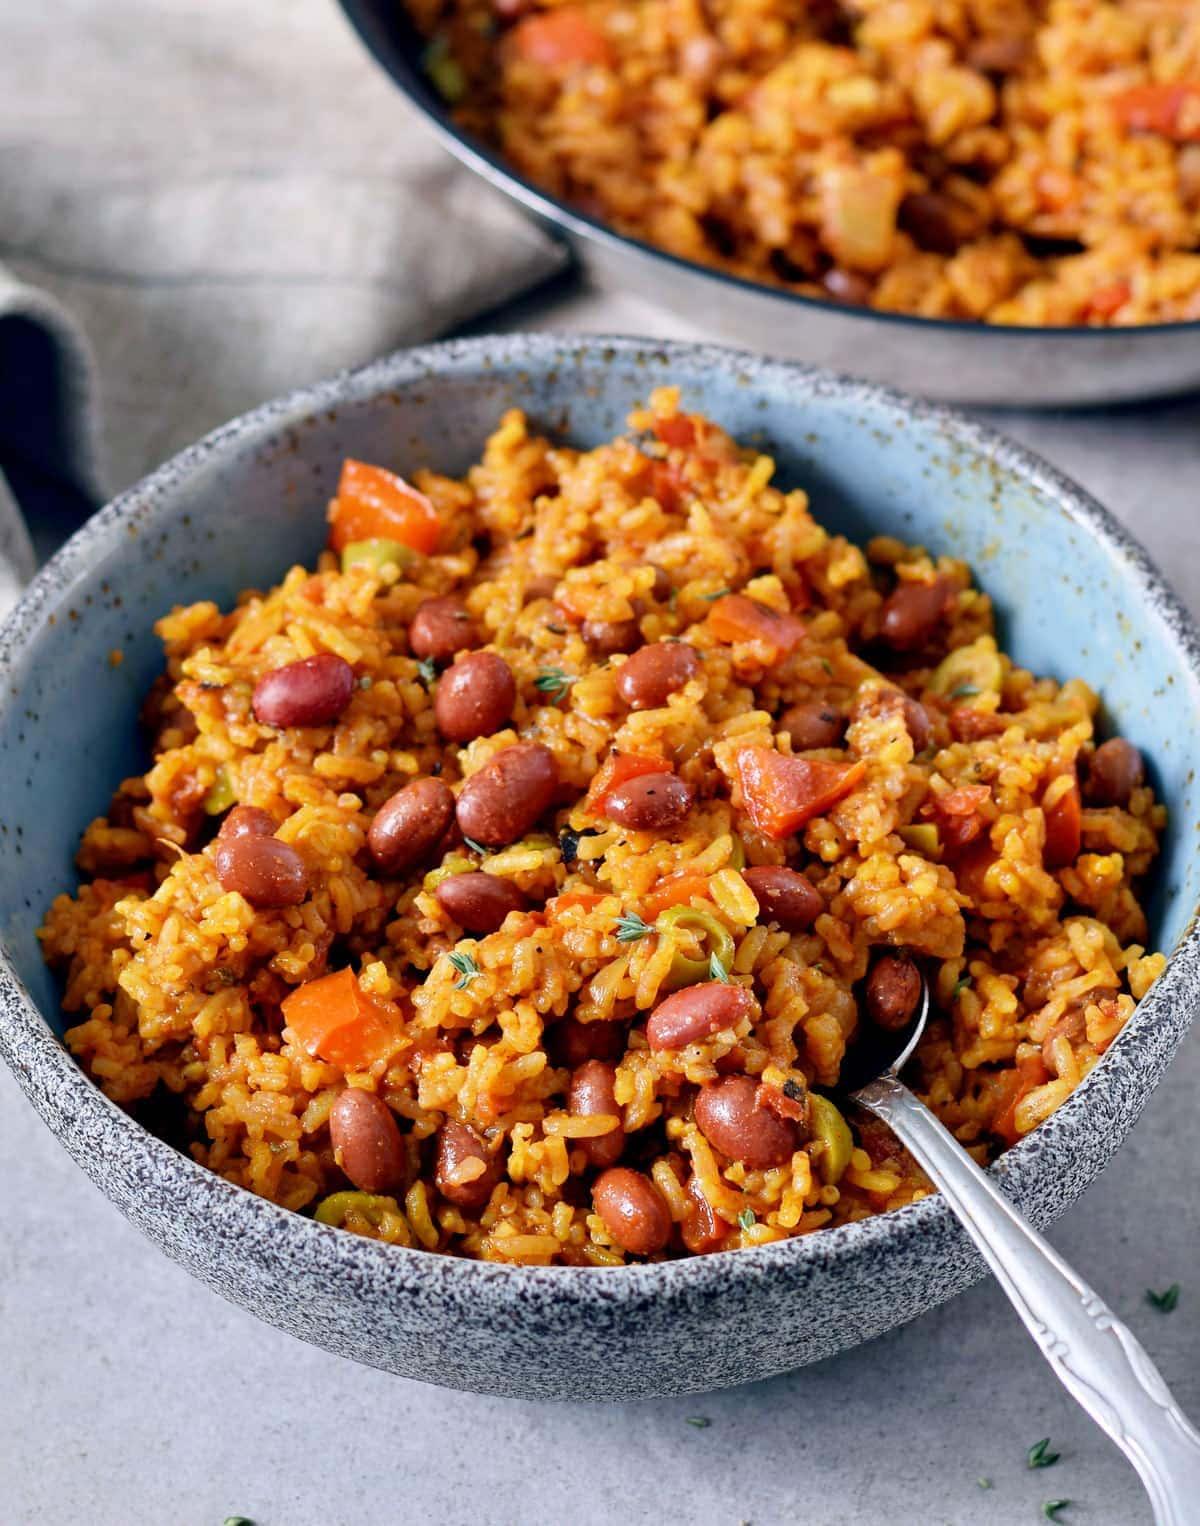 Reis mit Bohnen und Gemüse in einer Schüssel mit Löffel